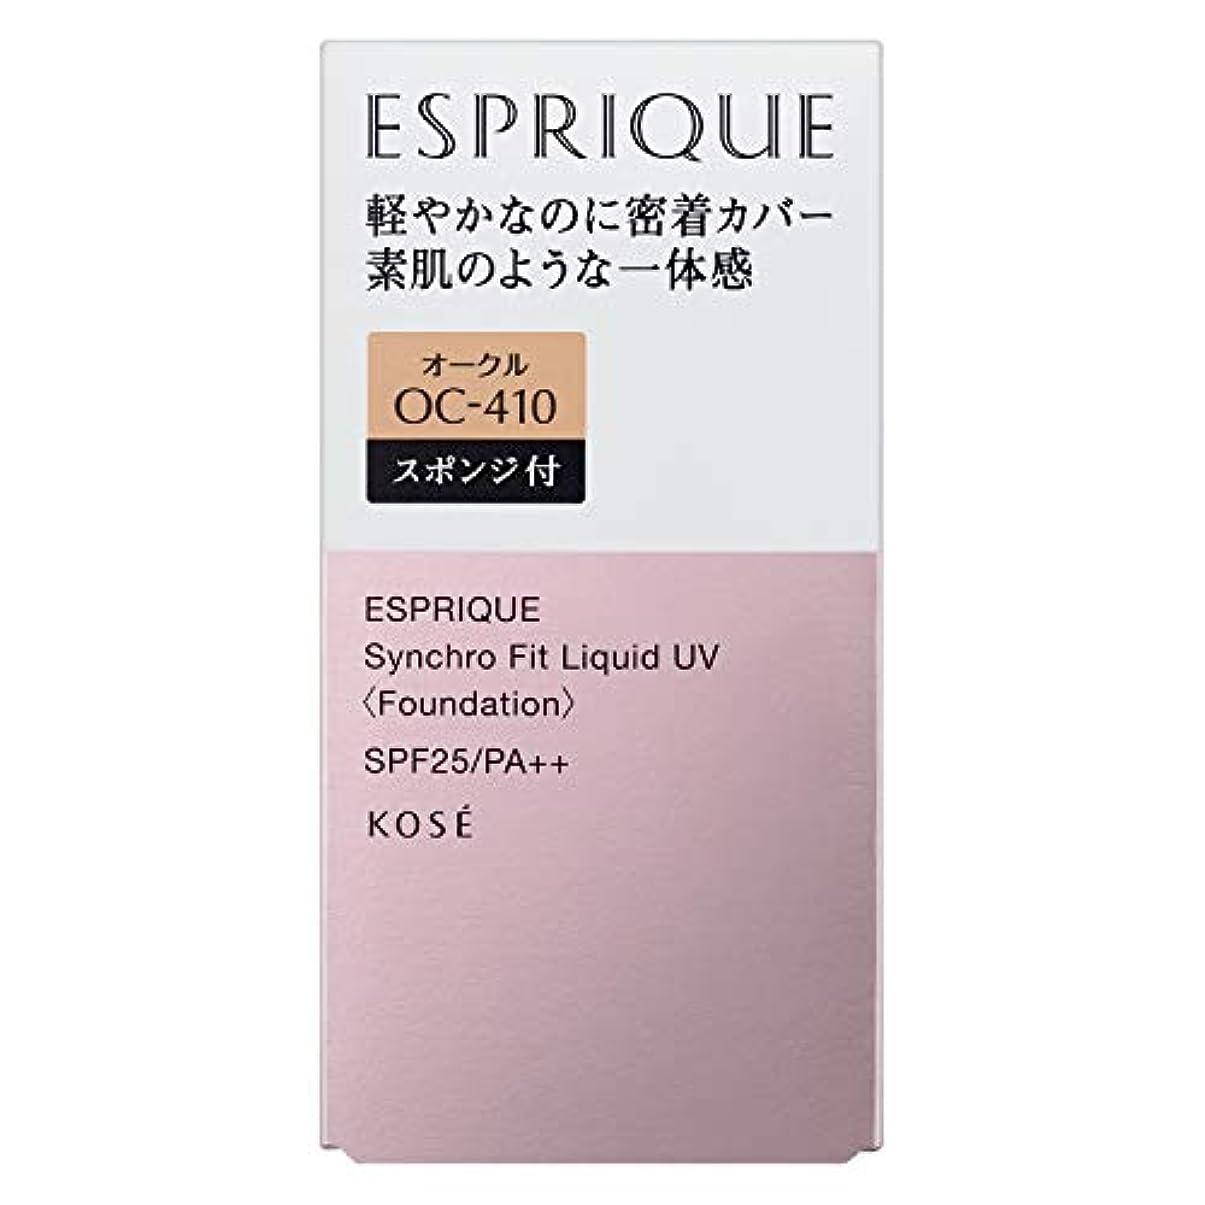 すごい手配するガラスESPRIQUE(エスプリーク) エスプリーク シンクロフィット リキッド UV ファンデーション 無香料 OC-410 オークル 30g